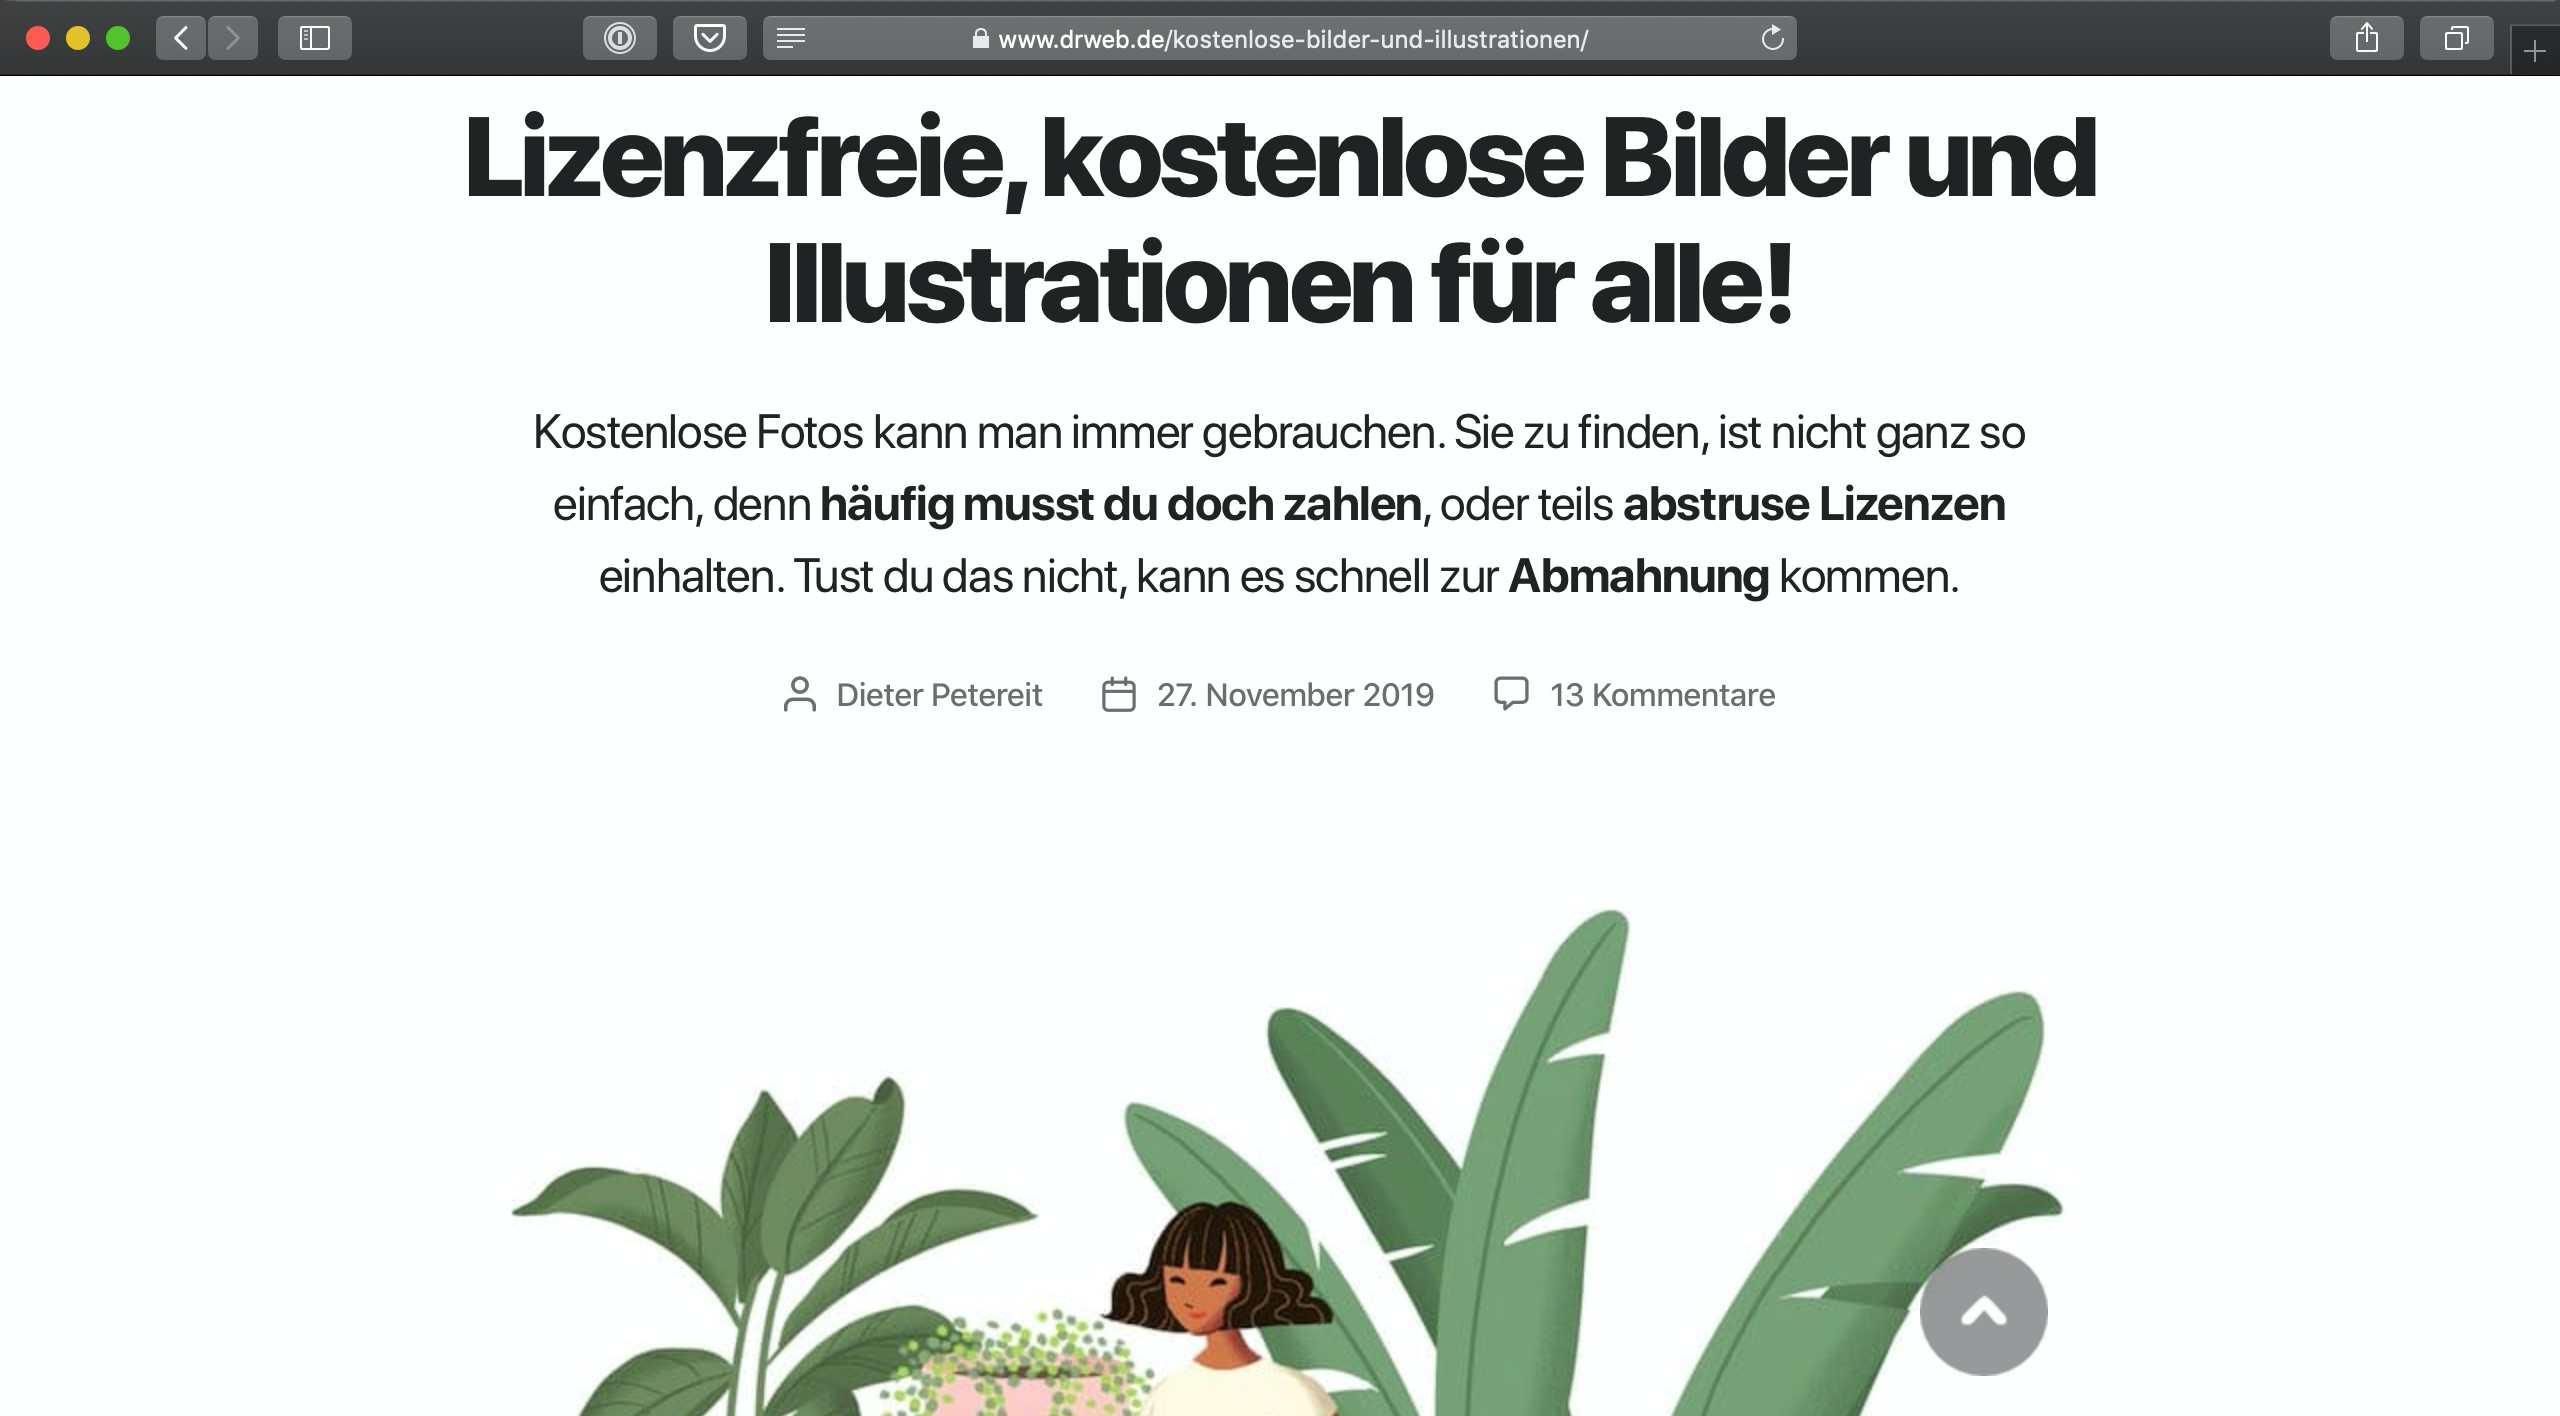 LinkTipp: Lizenzfreie, kostenlose Bilder und Illustrationen für alle!